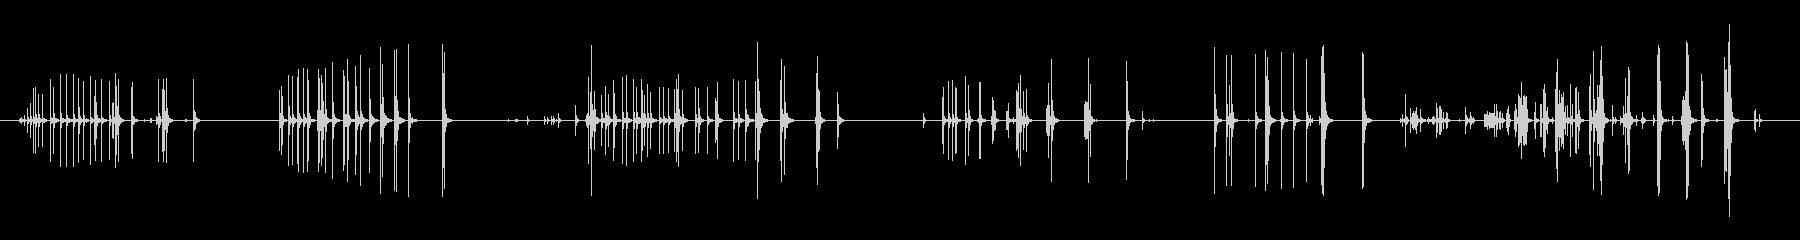 短い、ラスパイバルーンクリークの未再生の波形